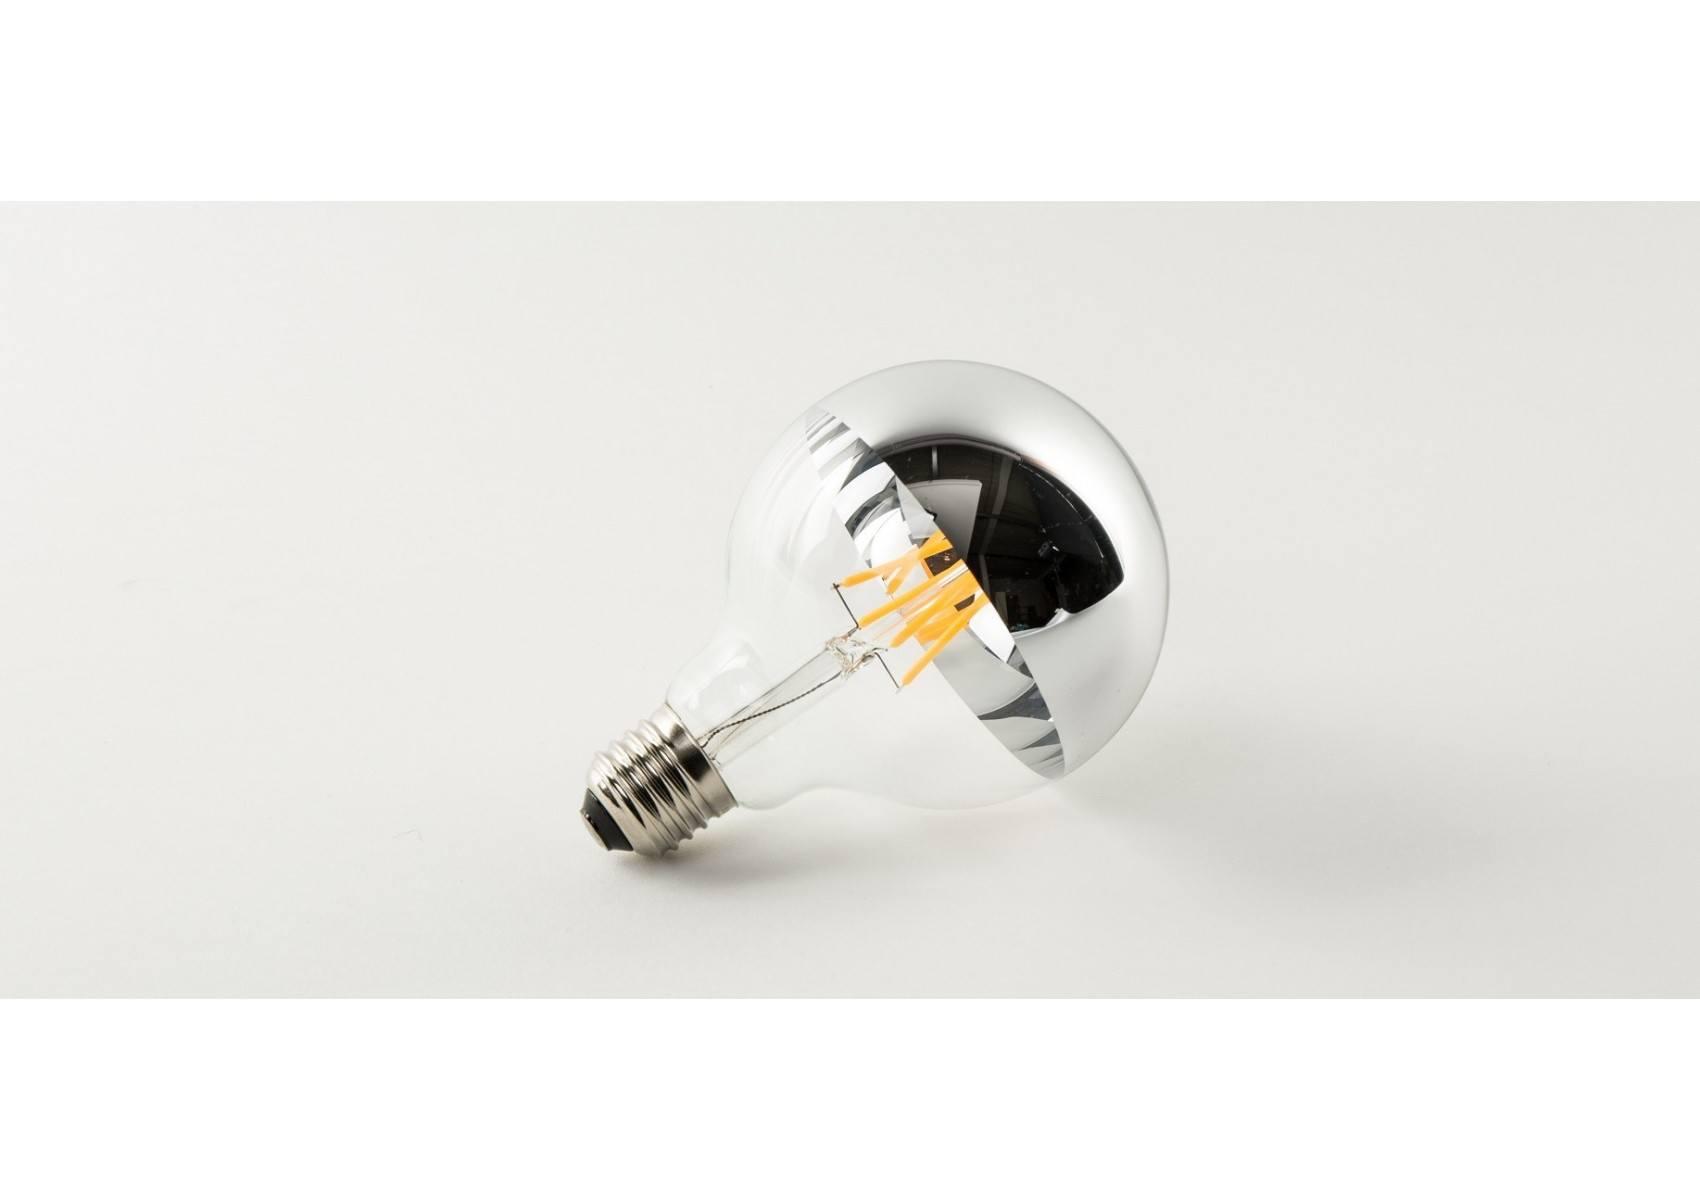 ampoule mirror led e27 d corative par filament 4watts et. Black Bedroom Furniture Sets. Home Design Ideas